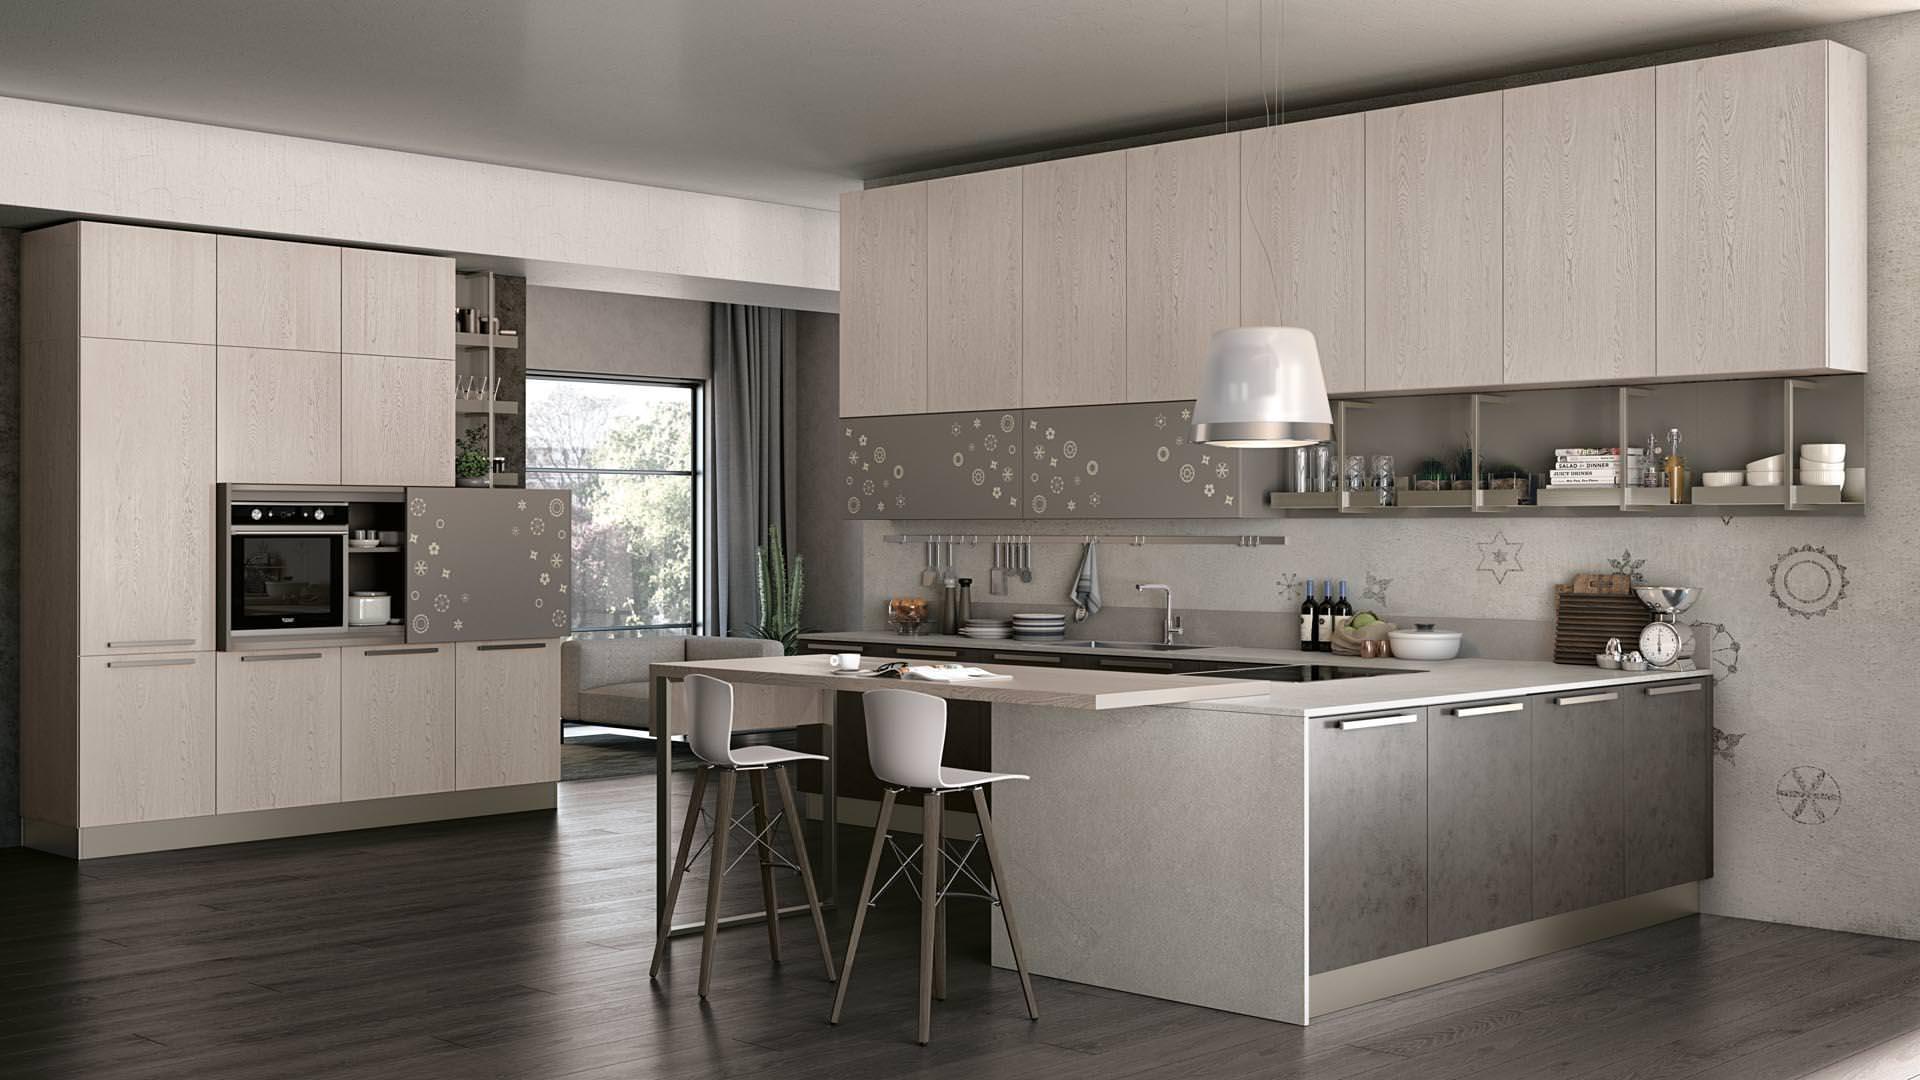 Novità Cucine moderne a Bari, ecco la collezione LUBE CLOVER BRIDGE - Rafaschieri Arredamenti